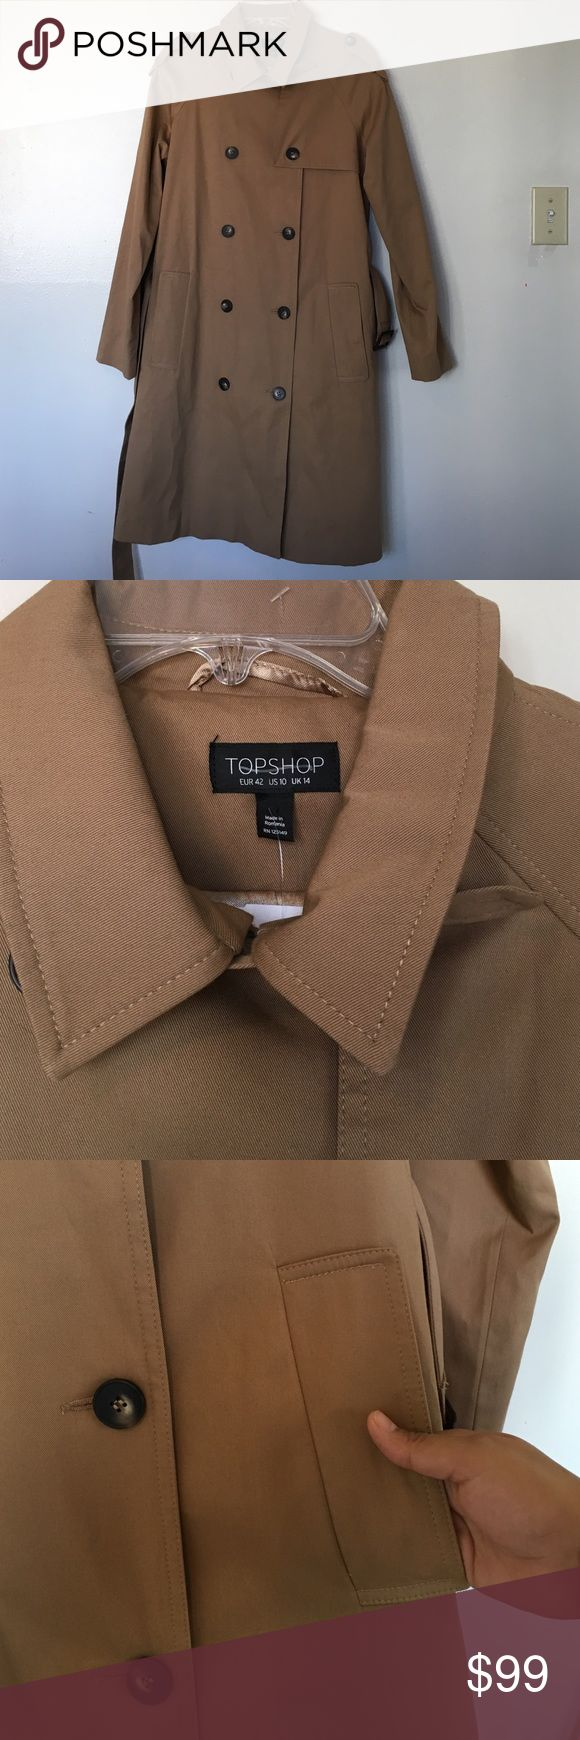 Topshop Tren Jacket Size 10 NWOT 😍 No trade 🚫 No model 💃🏻 Topshop Jackets & Coats Trench Coats